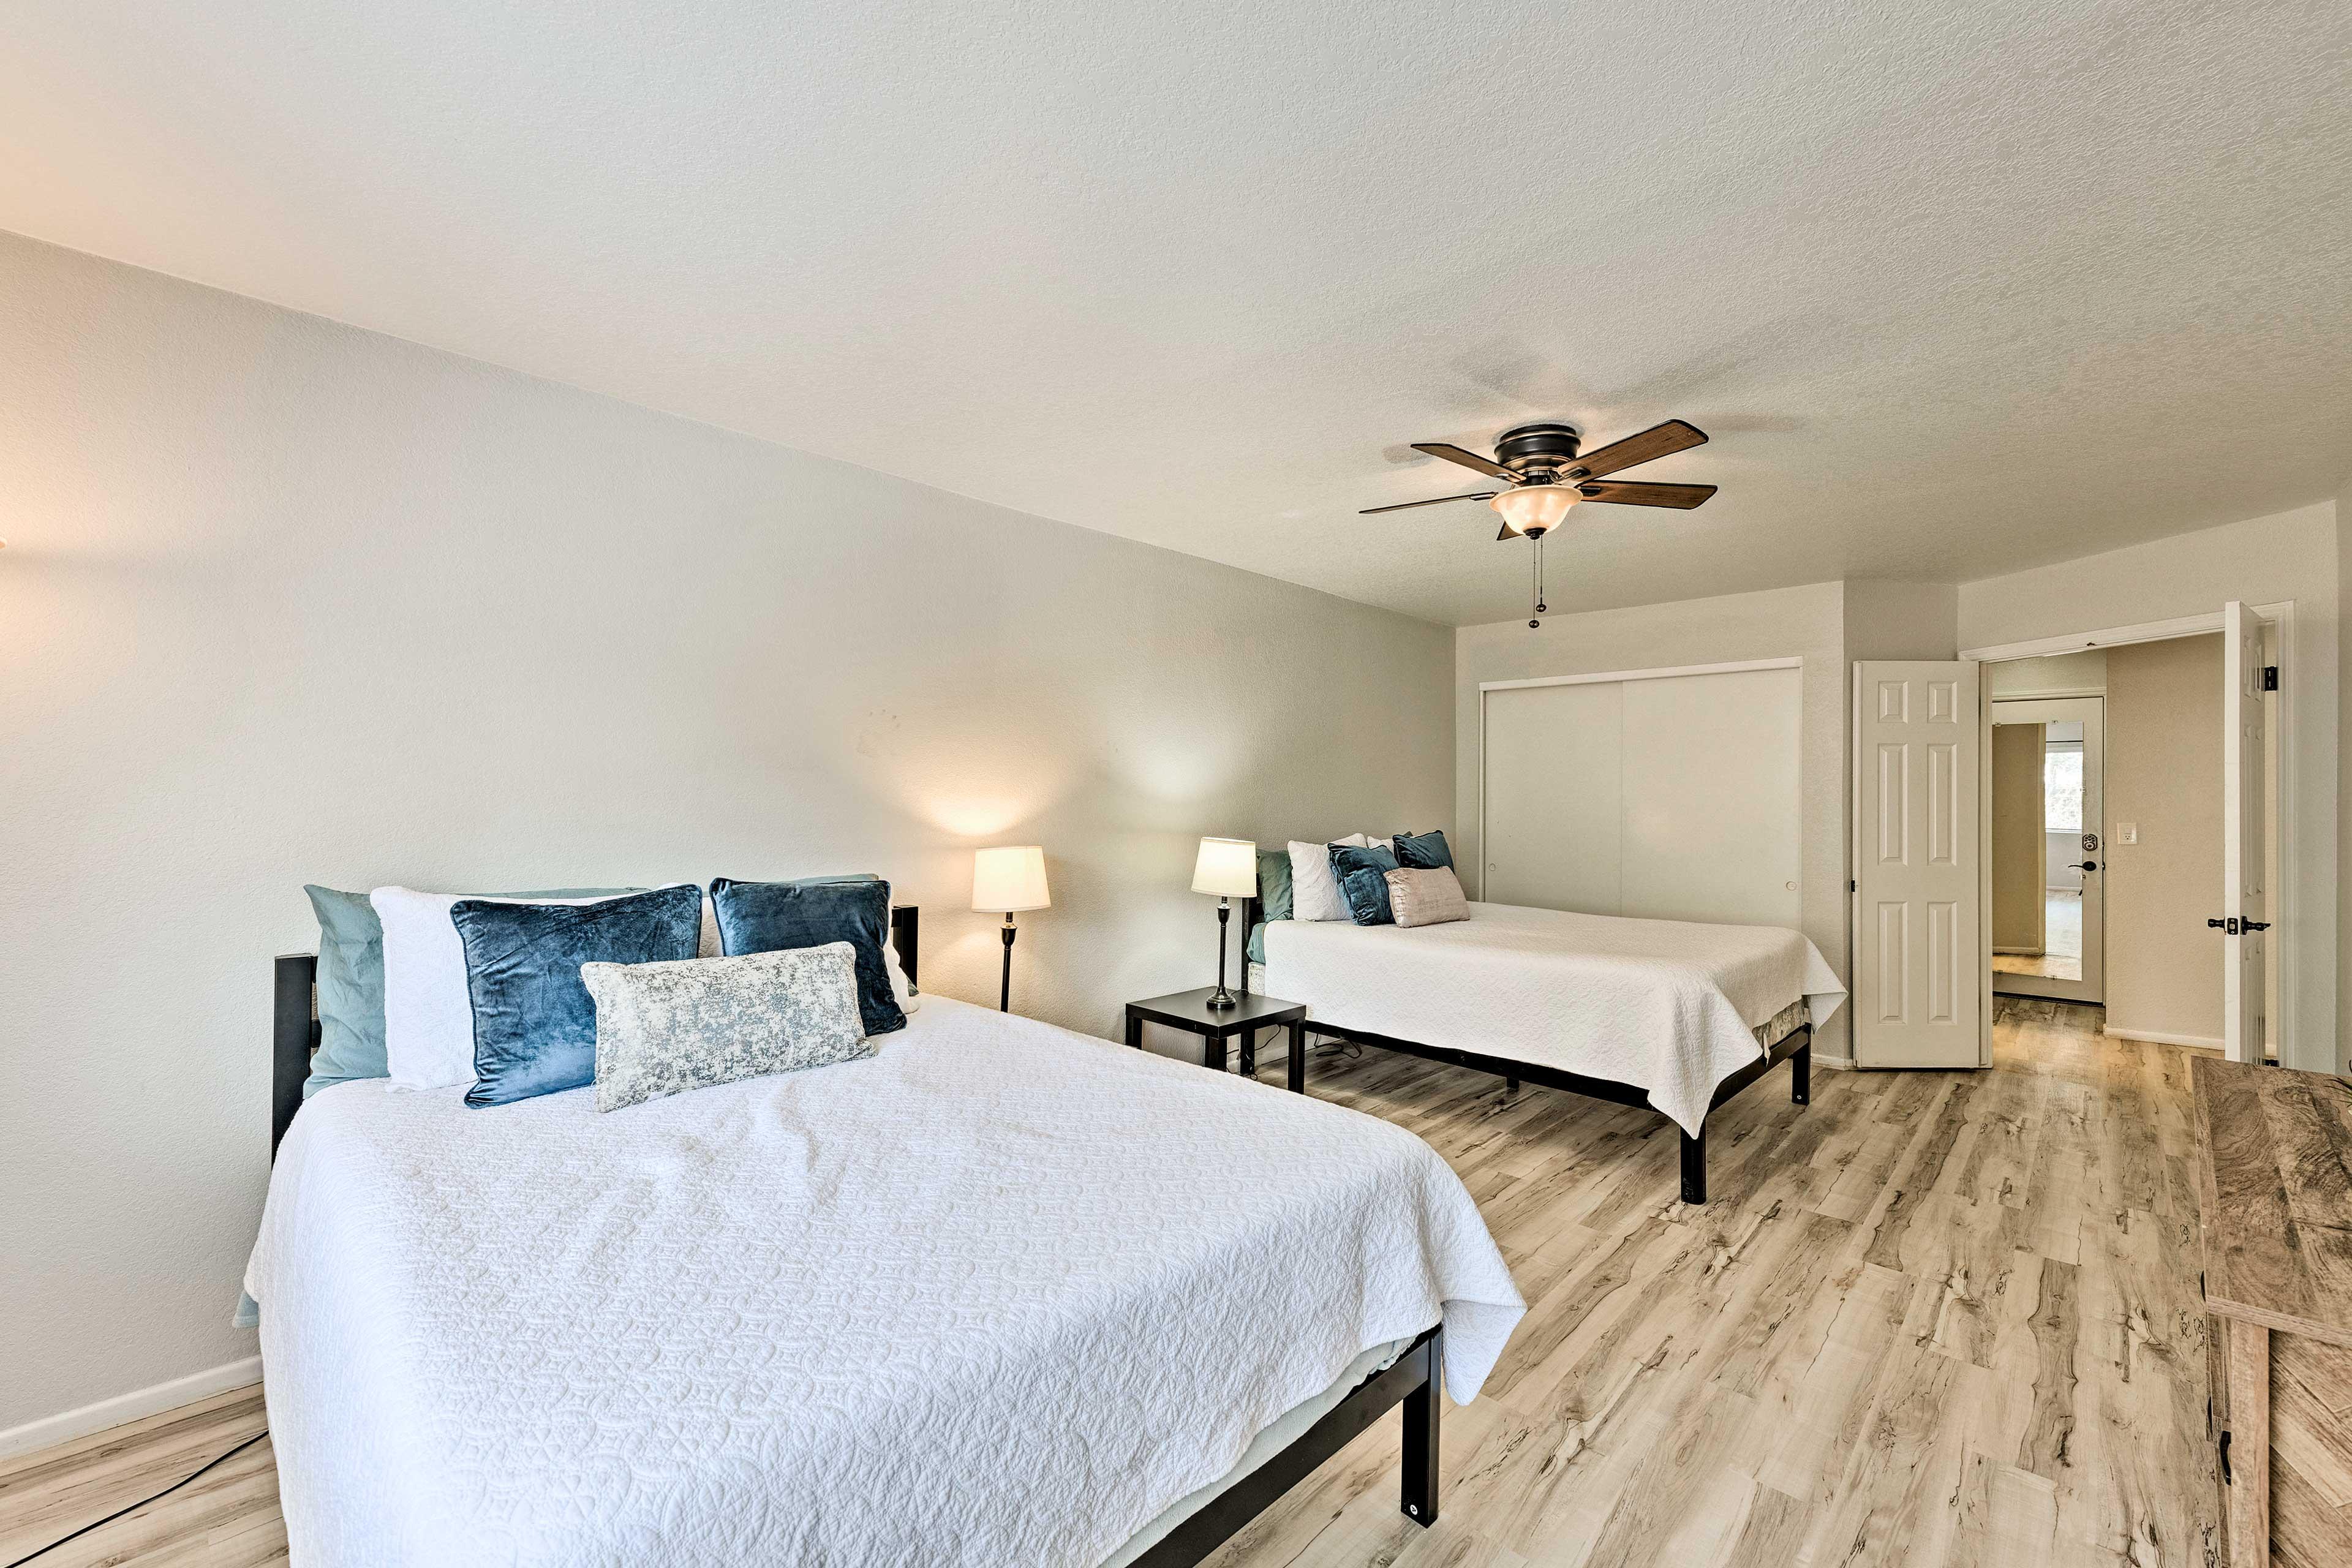 Master Bedroom   Linens Provided